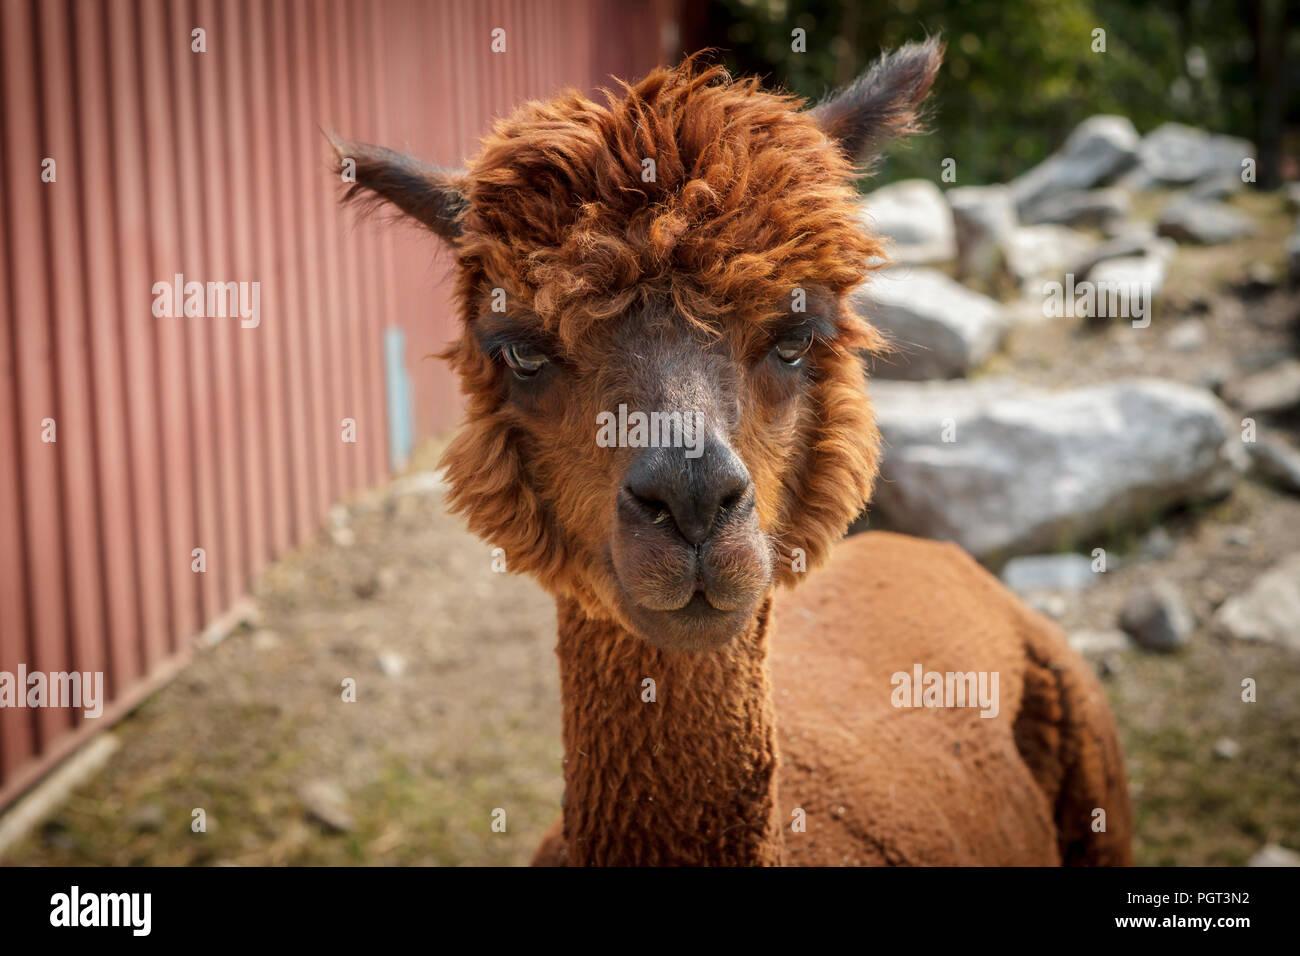 Un ritratto di un simpatico marrone rossiccio e alpaca in Coeur d'Alene, Idaho. Immagini Stock